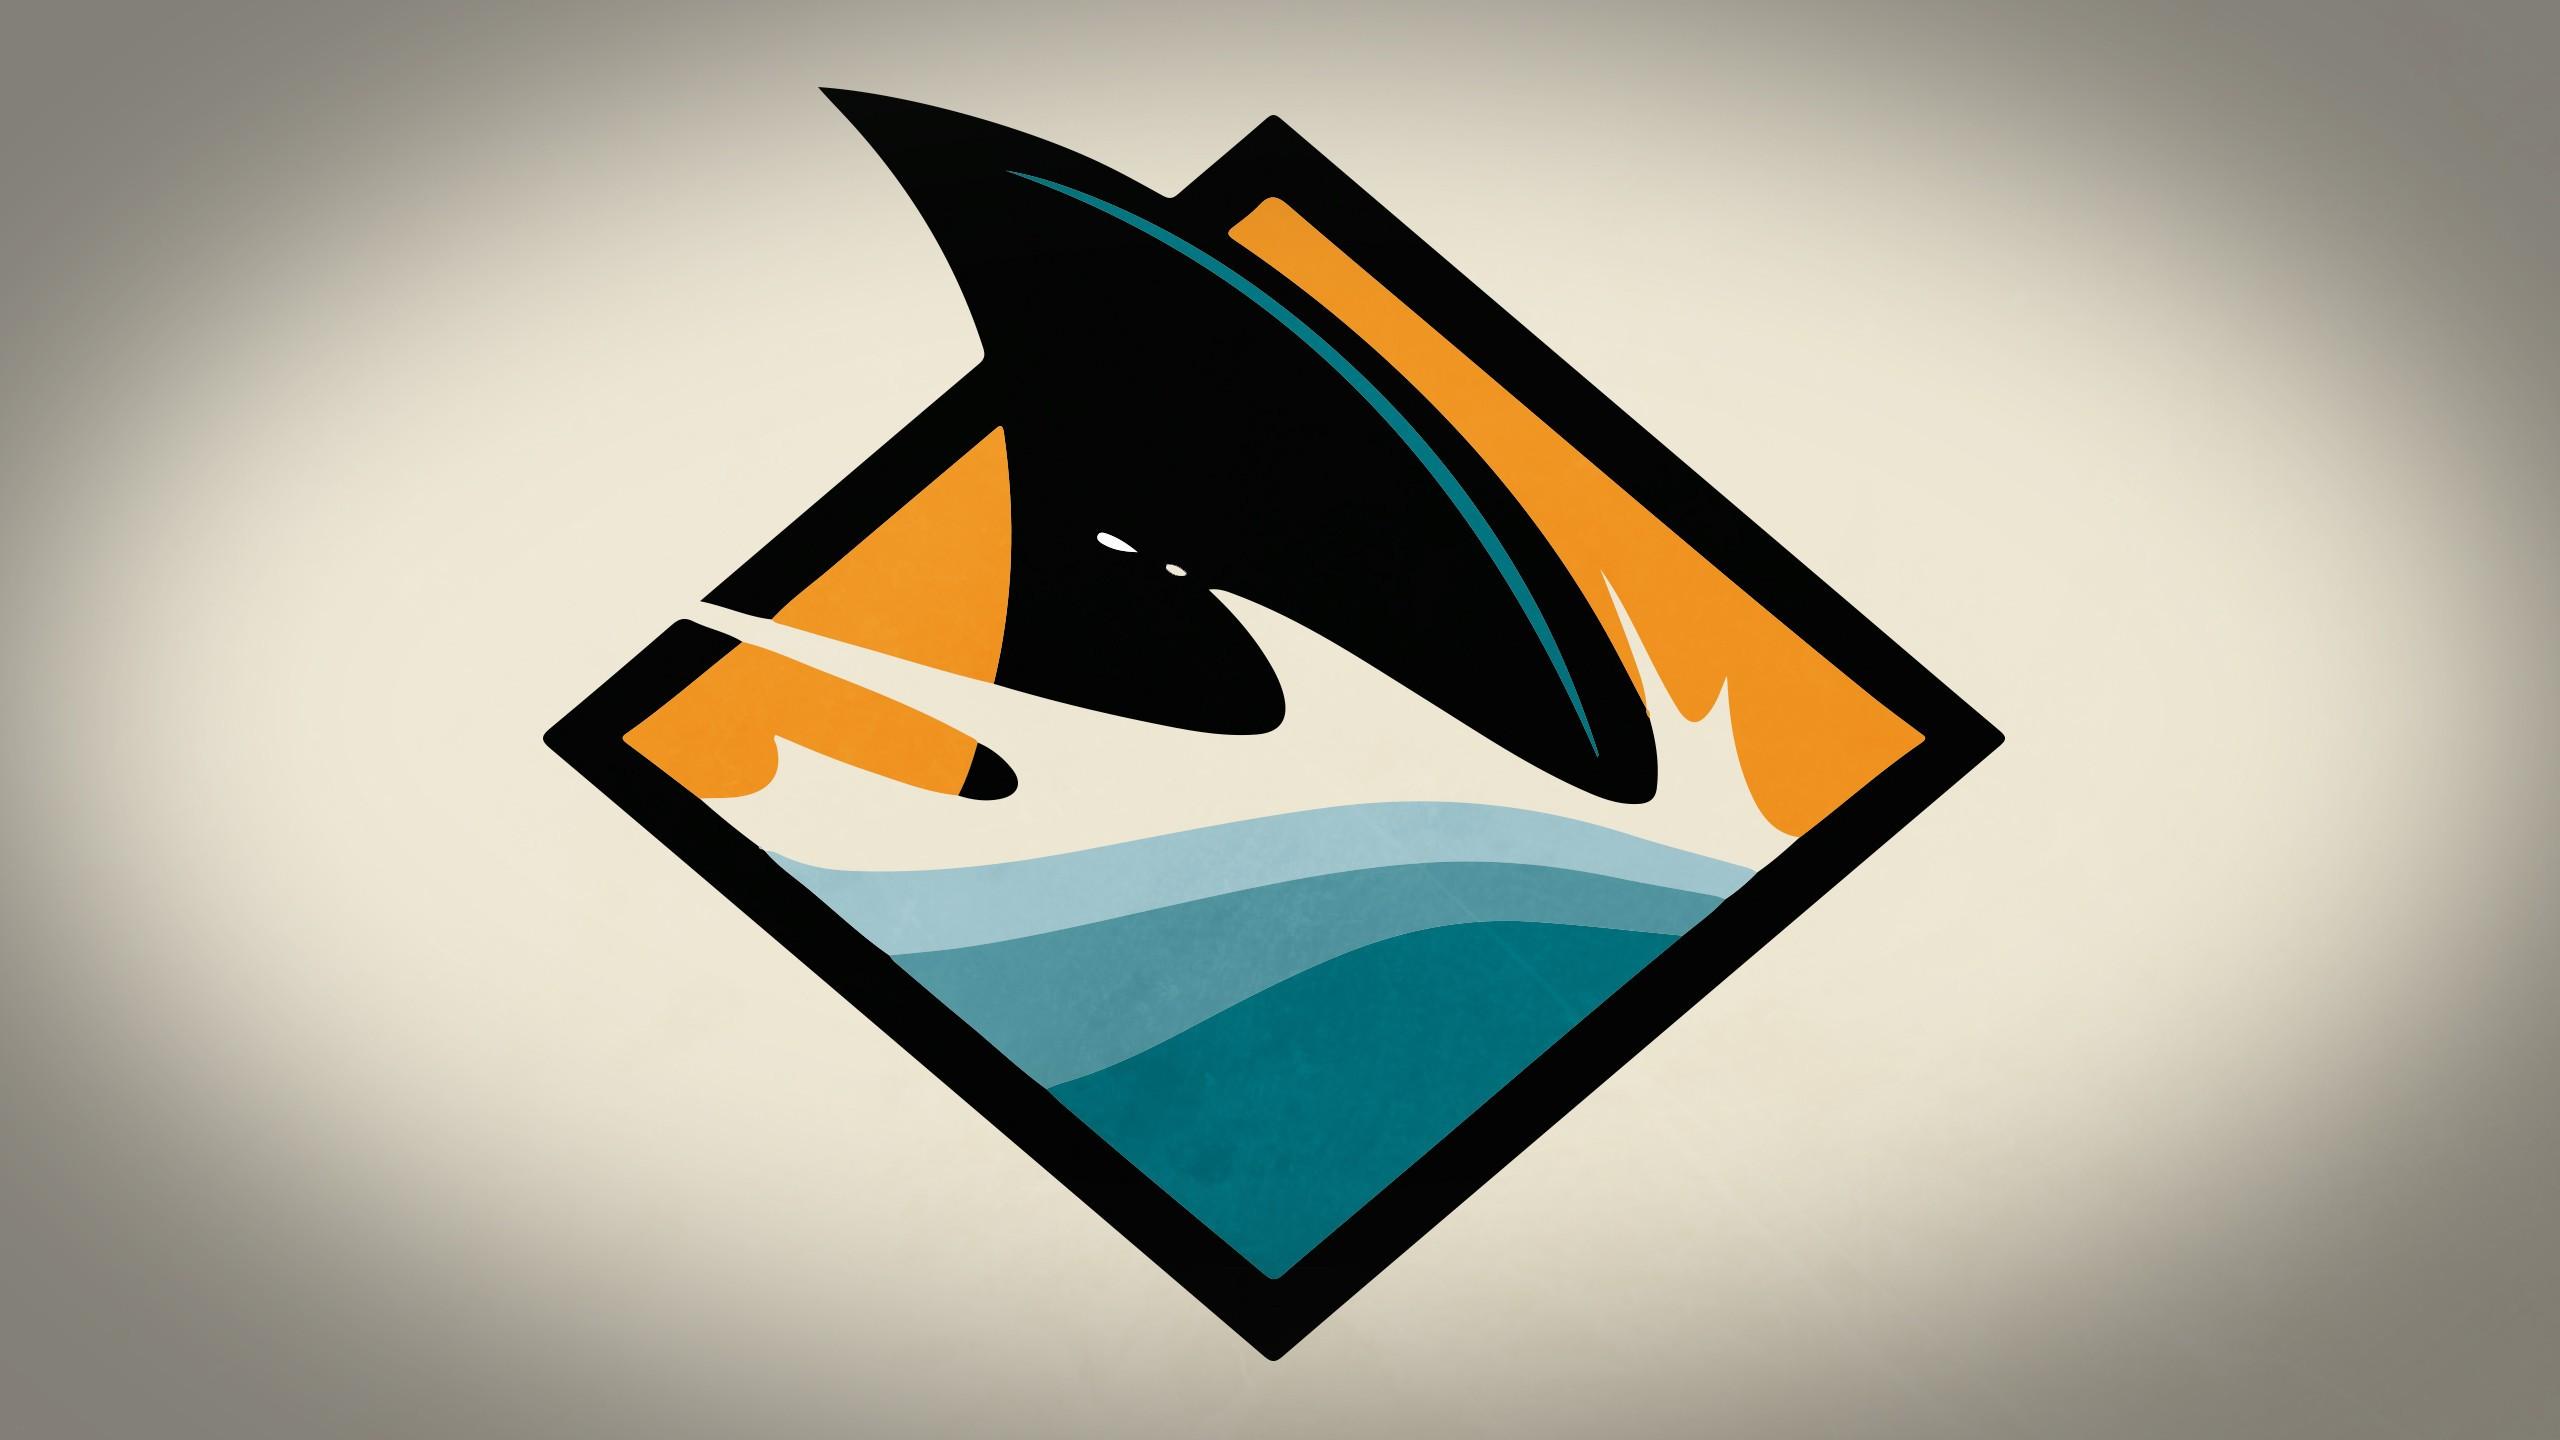 Aleta de tiburón digital - 2560x1440